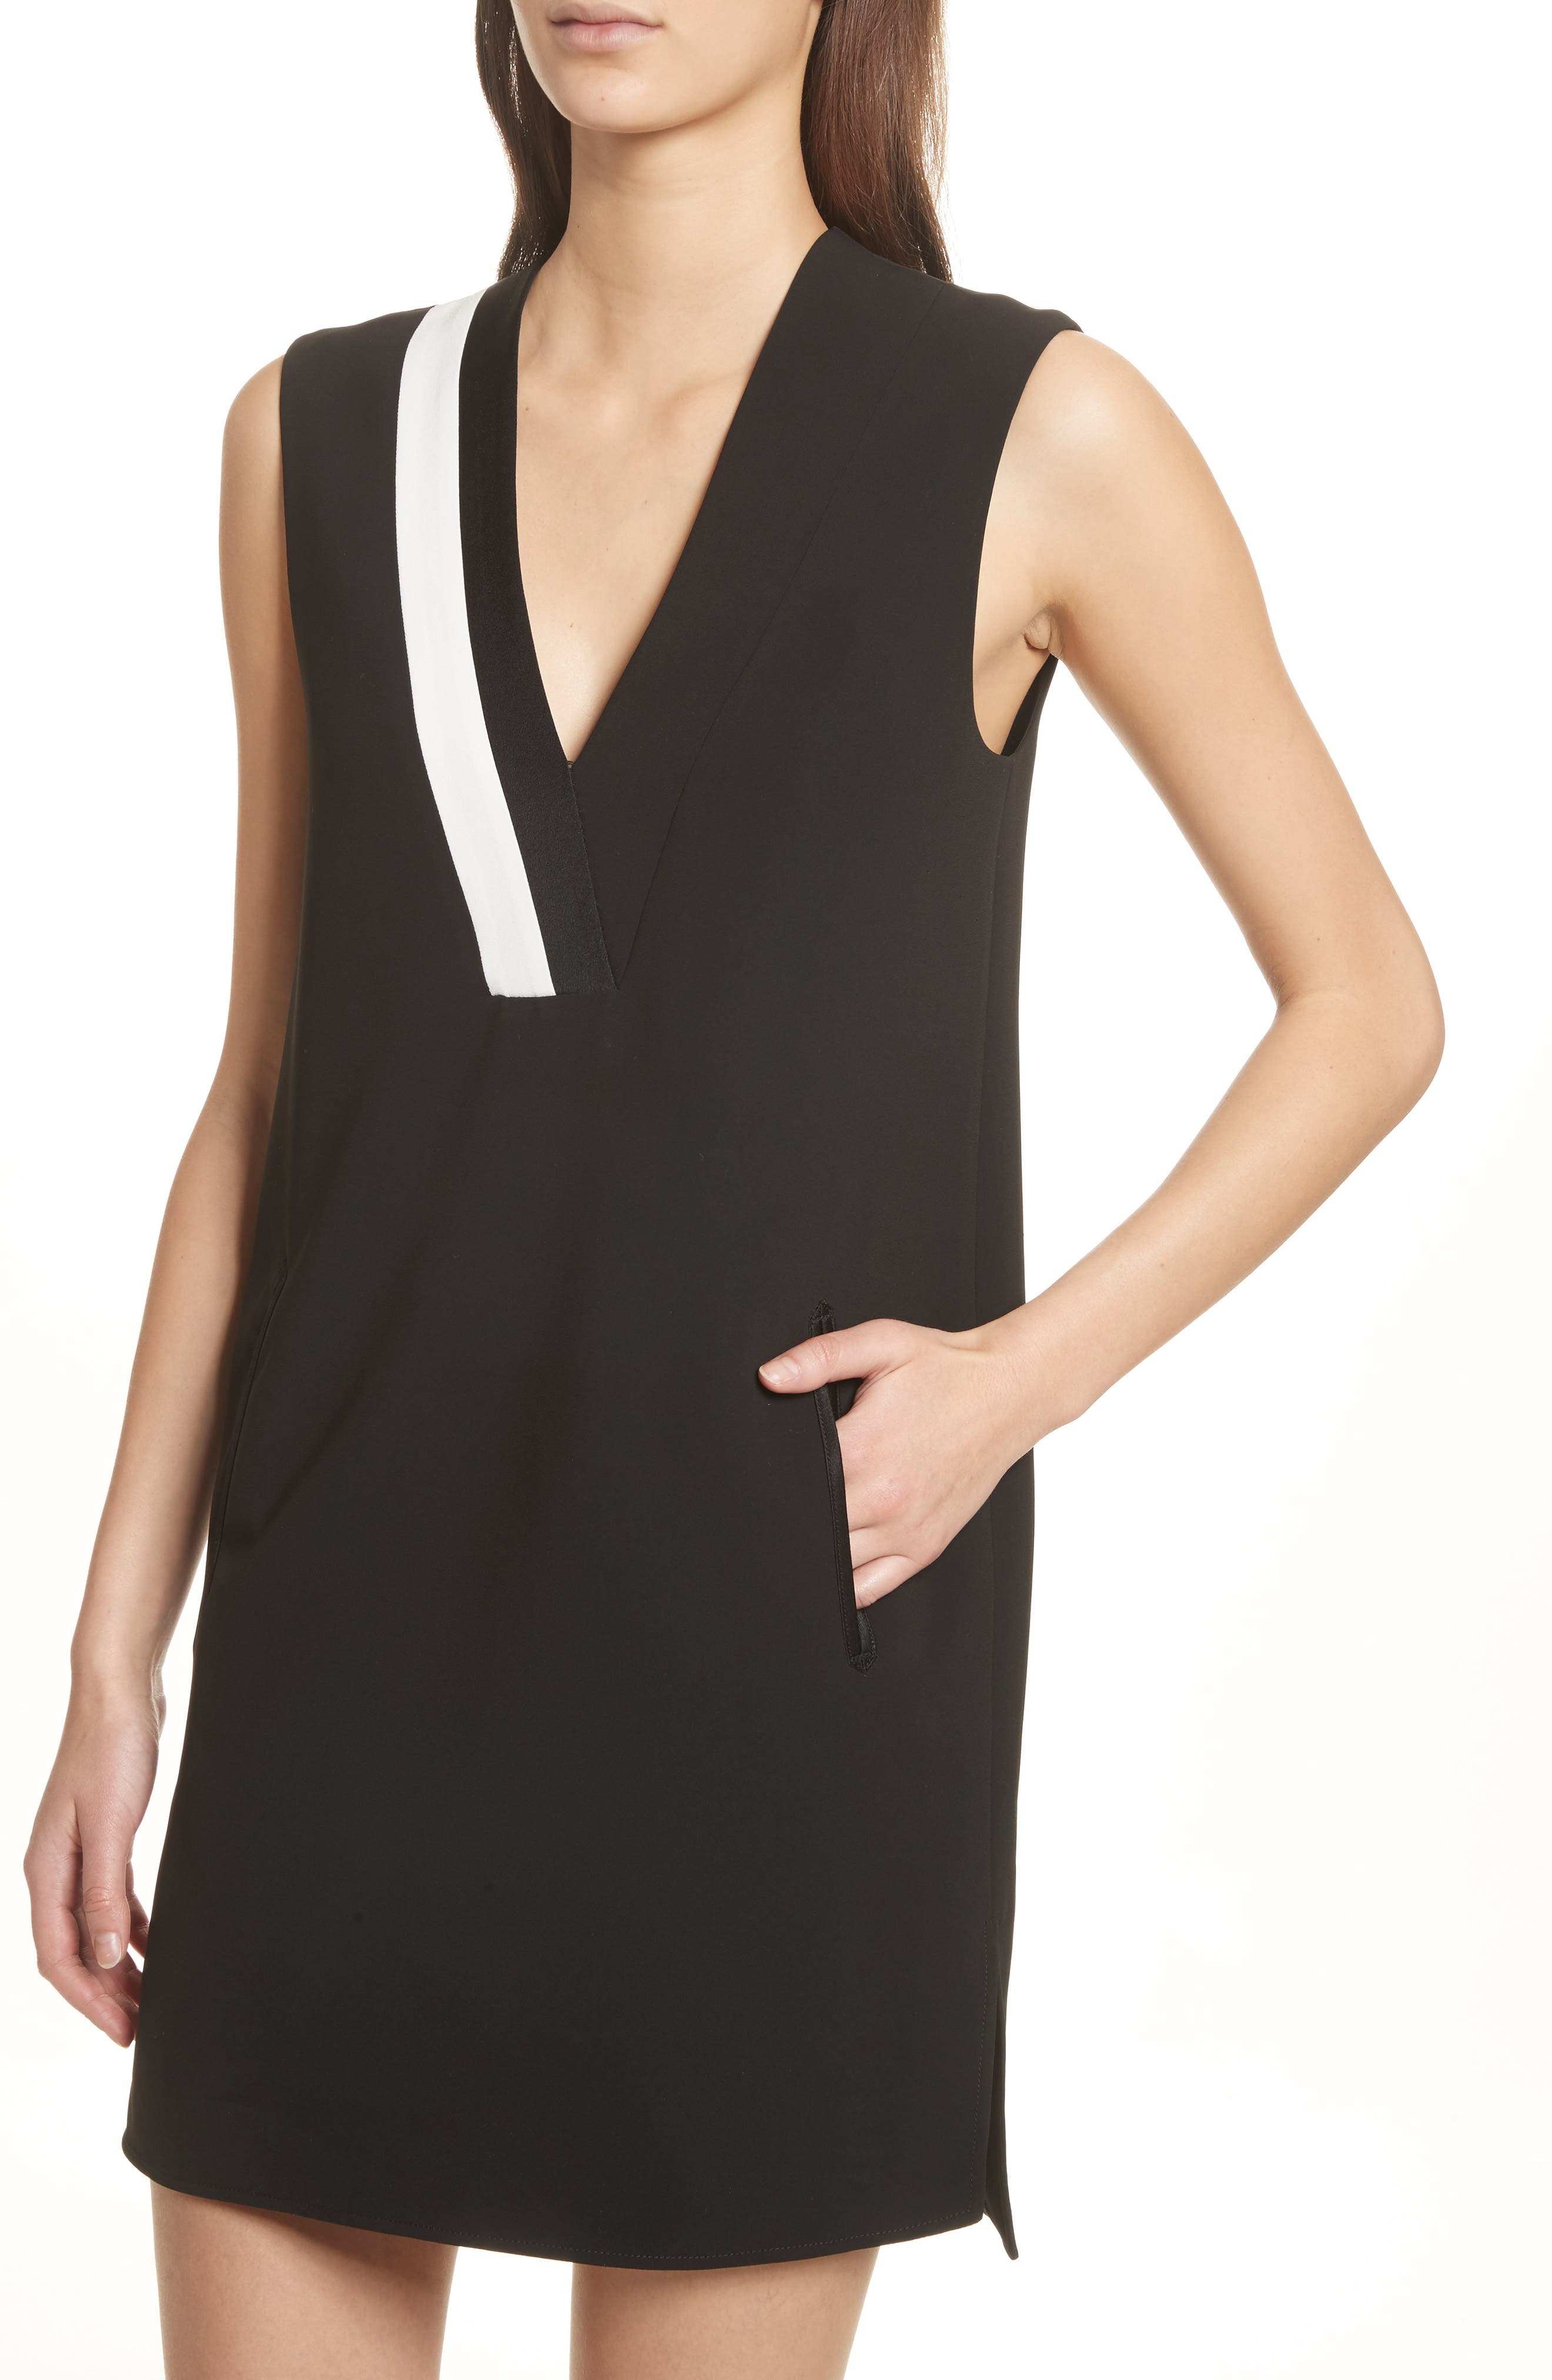 Lodwick Dress,                             Alternate thumbnail 4, color,                             Black